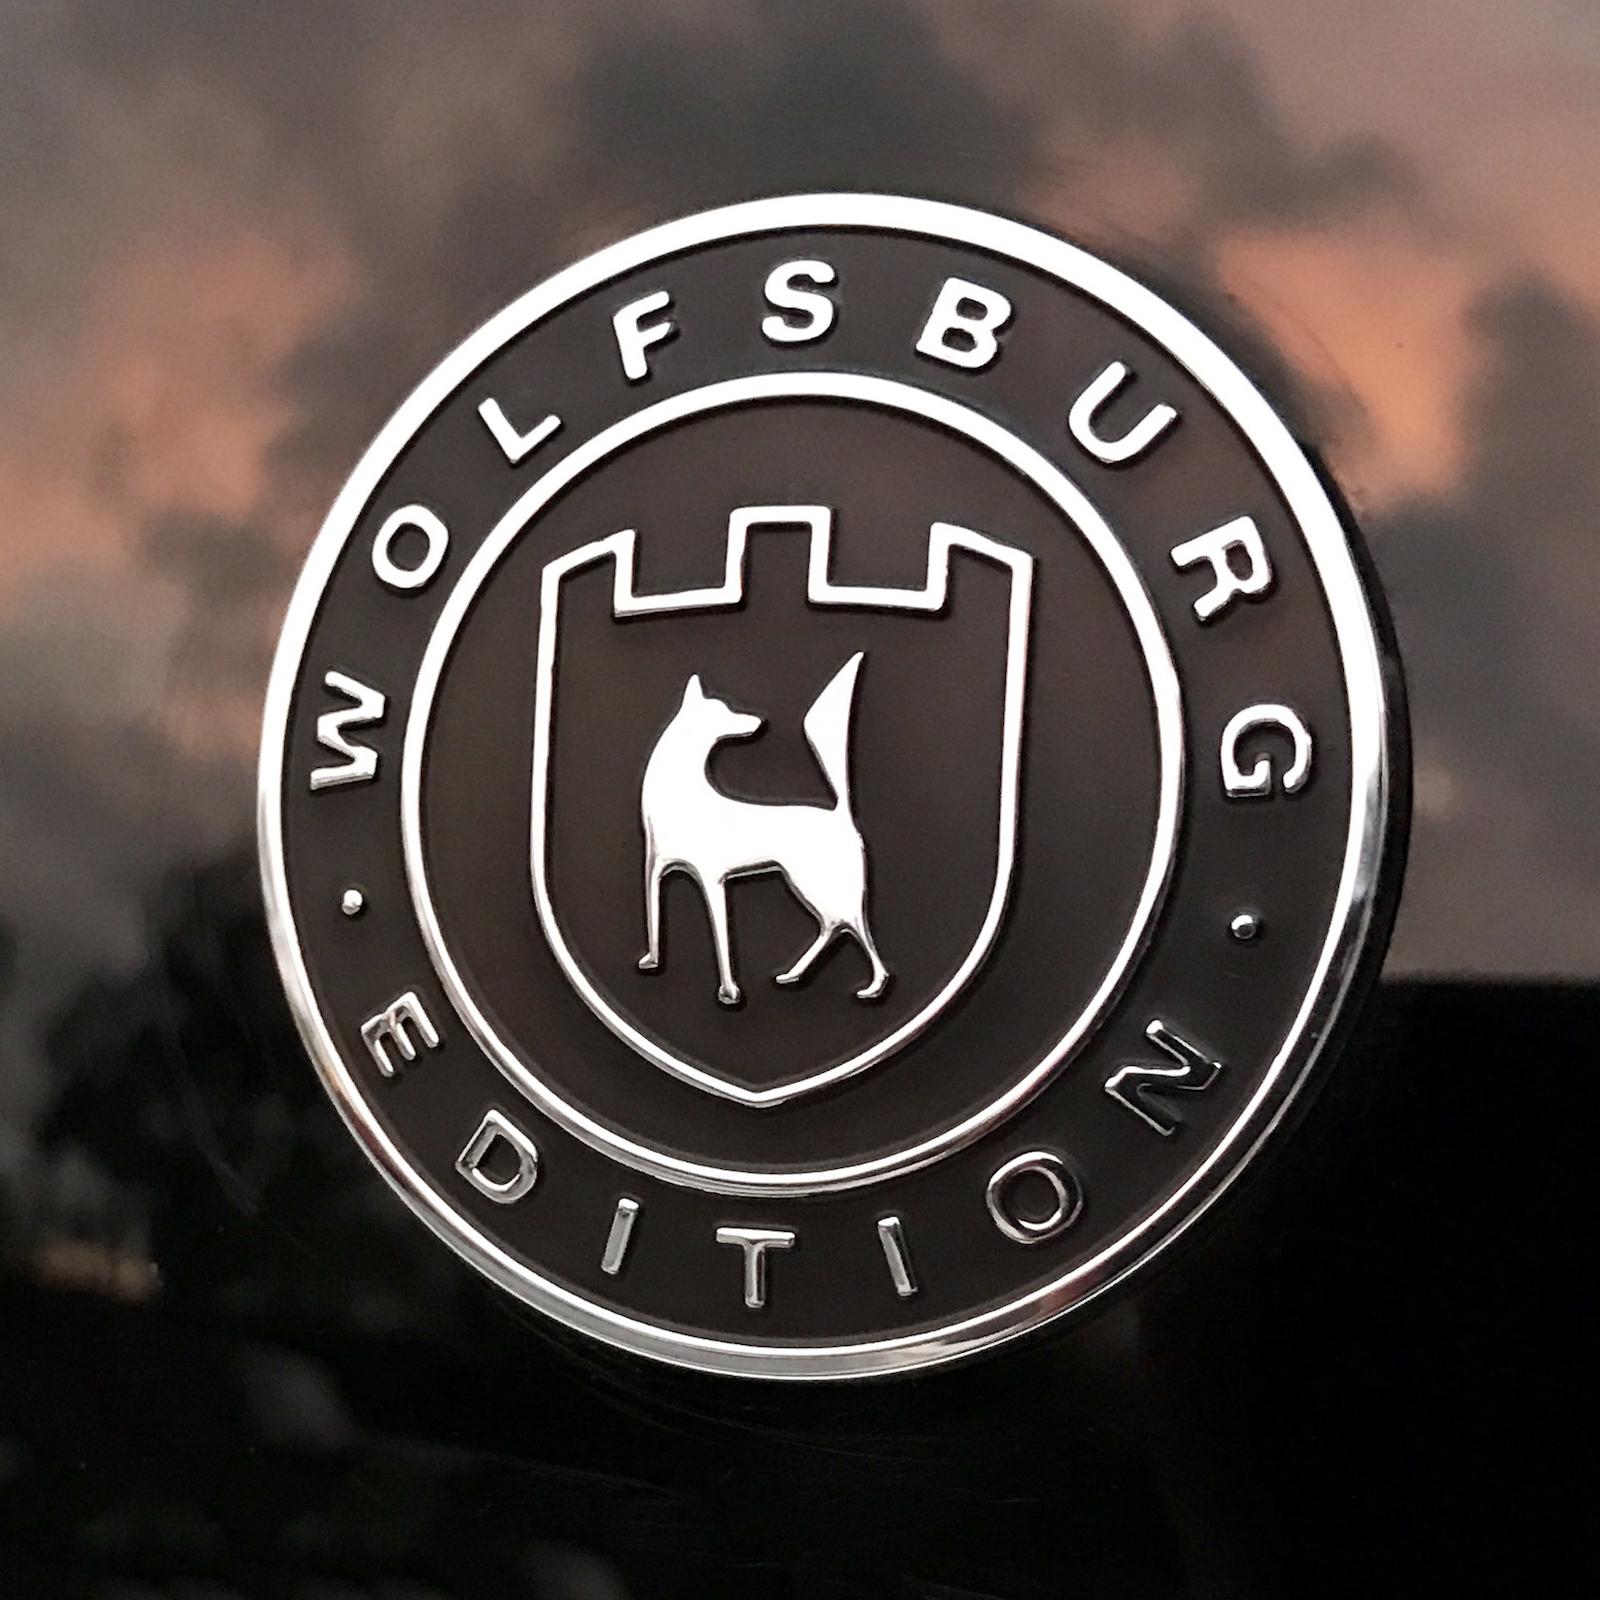 duke u0026 39 s drive  2017 vw touareg v6 wolfsburg edition review